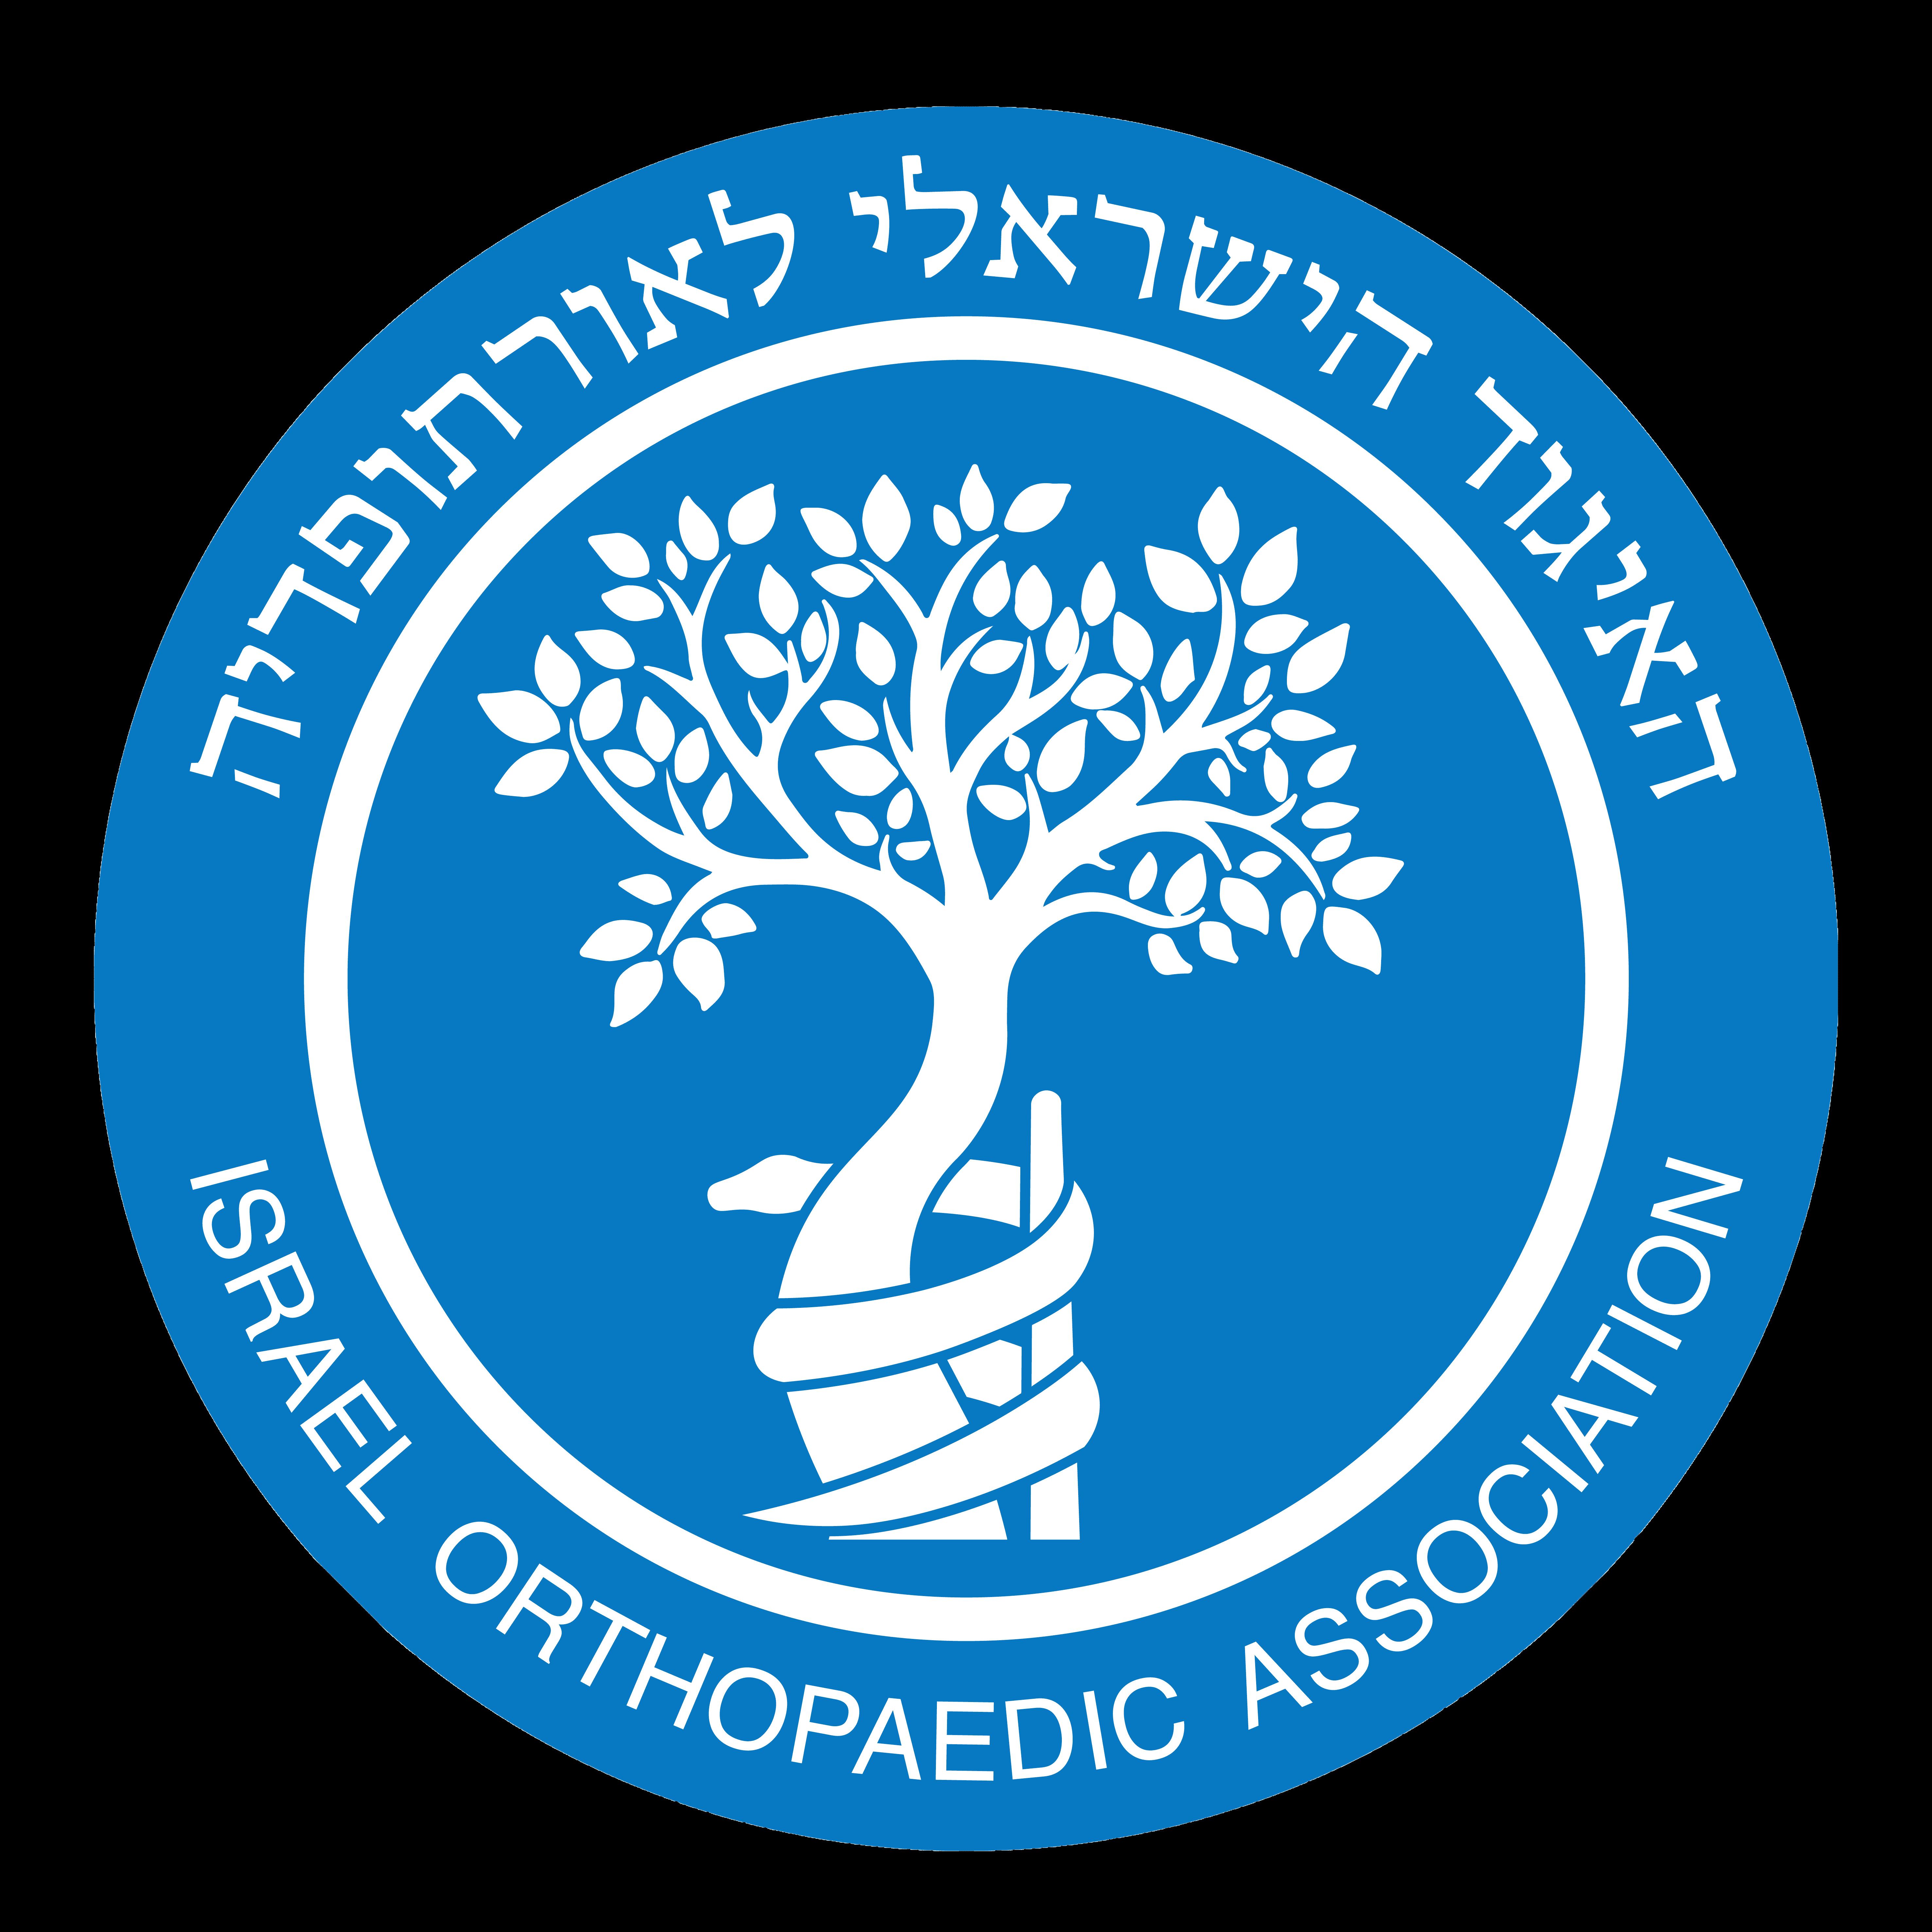 האיגוד הישראלי לאורתופדיה